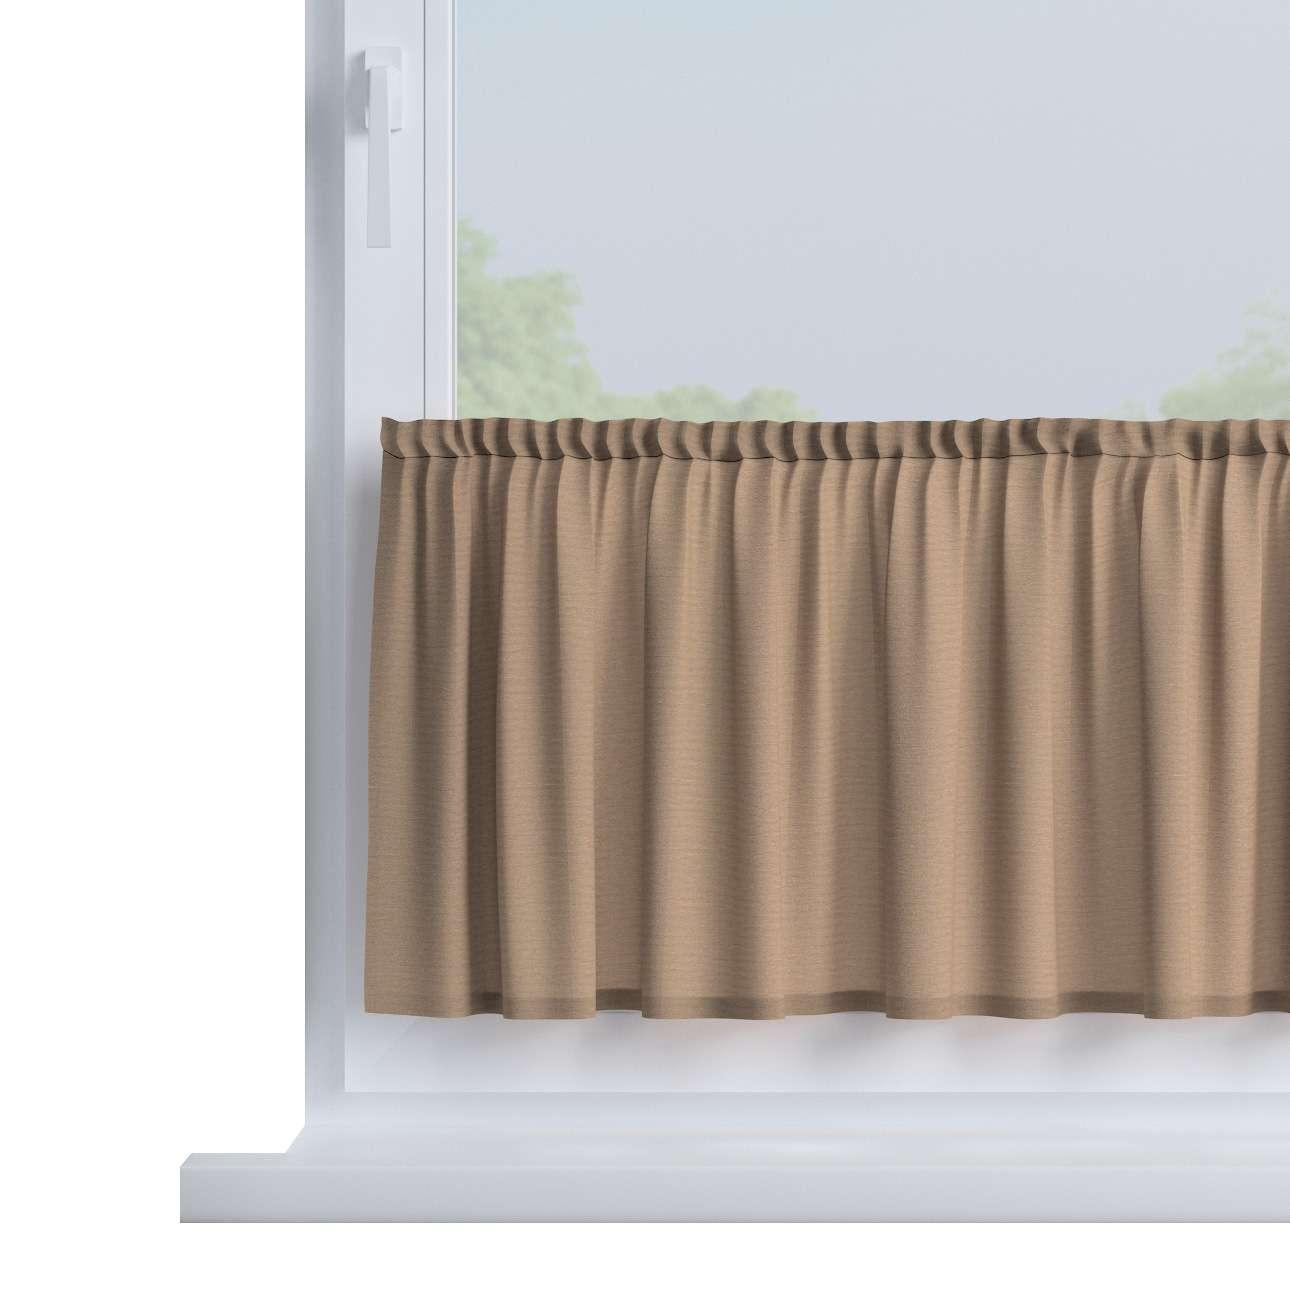 Vitrážka jednoduchá, metráž V kolekcii Quadro, tkanina: 136-09